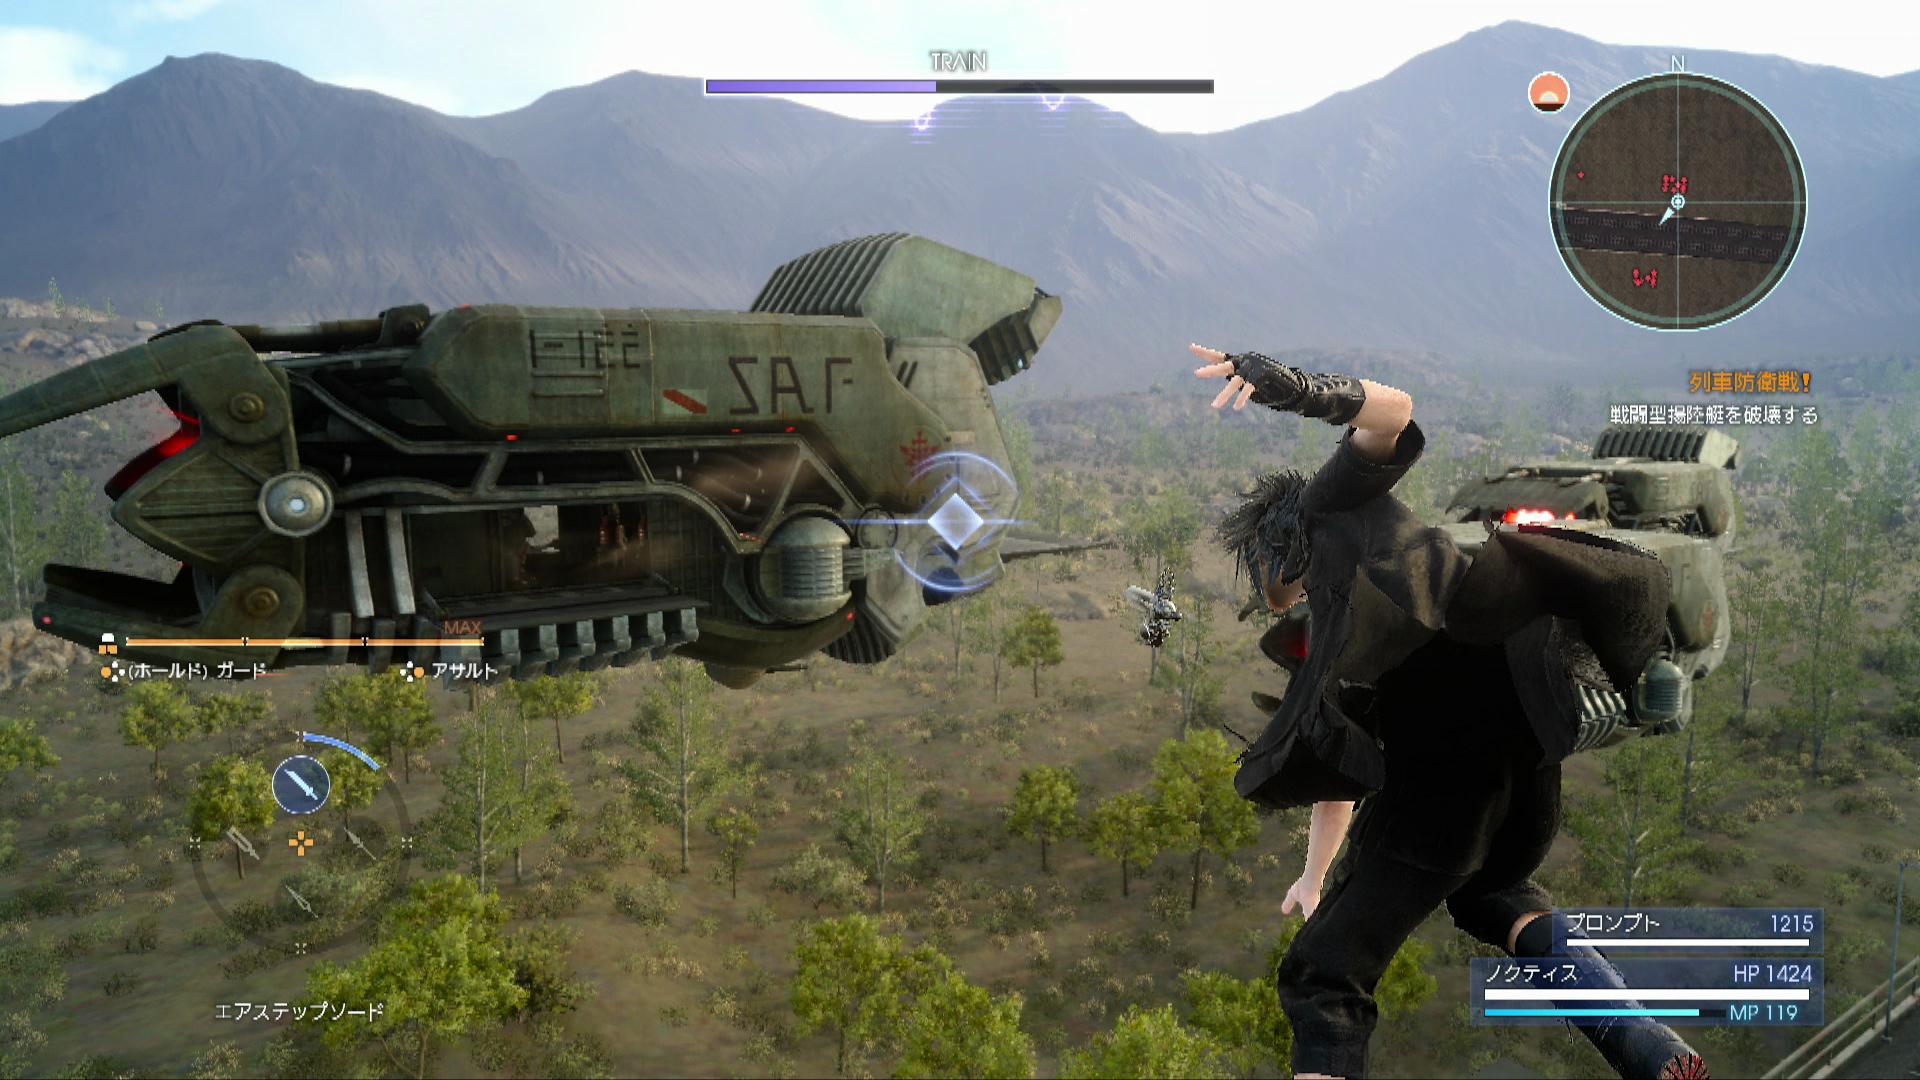 FF15_SQUARE-ENIX_Noctis-Warp-Strike-on-Landing-Craft_Screenshot_06132016